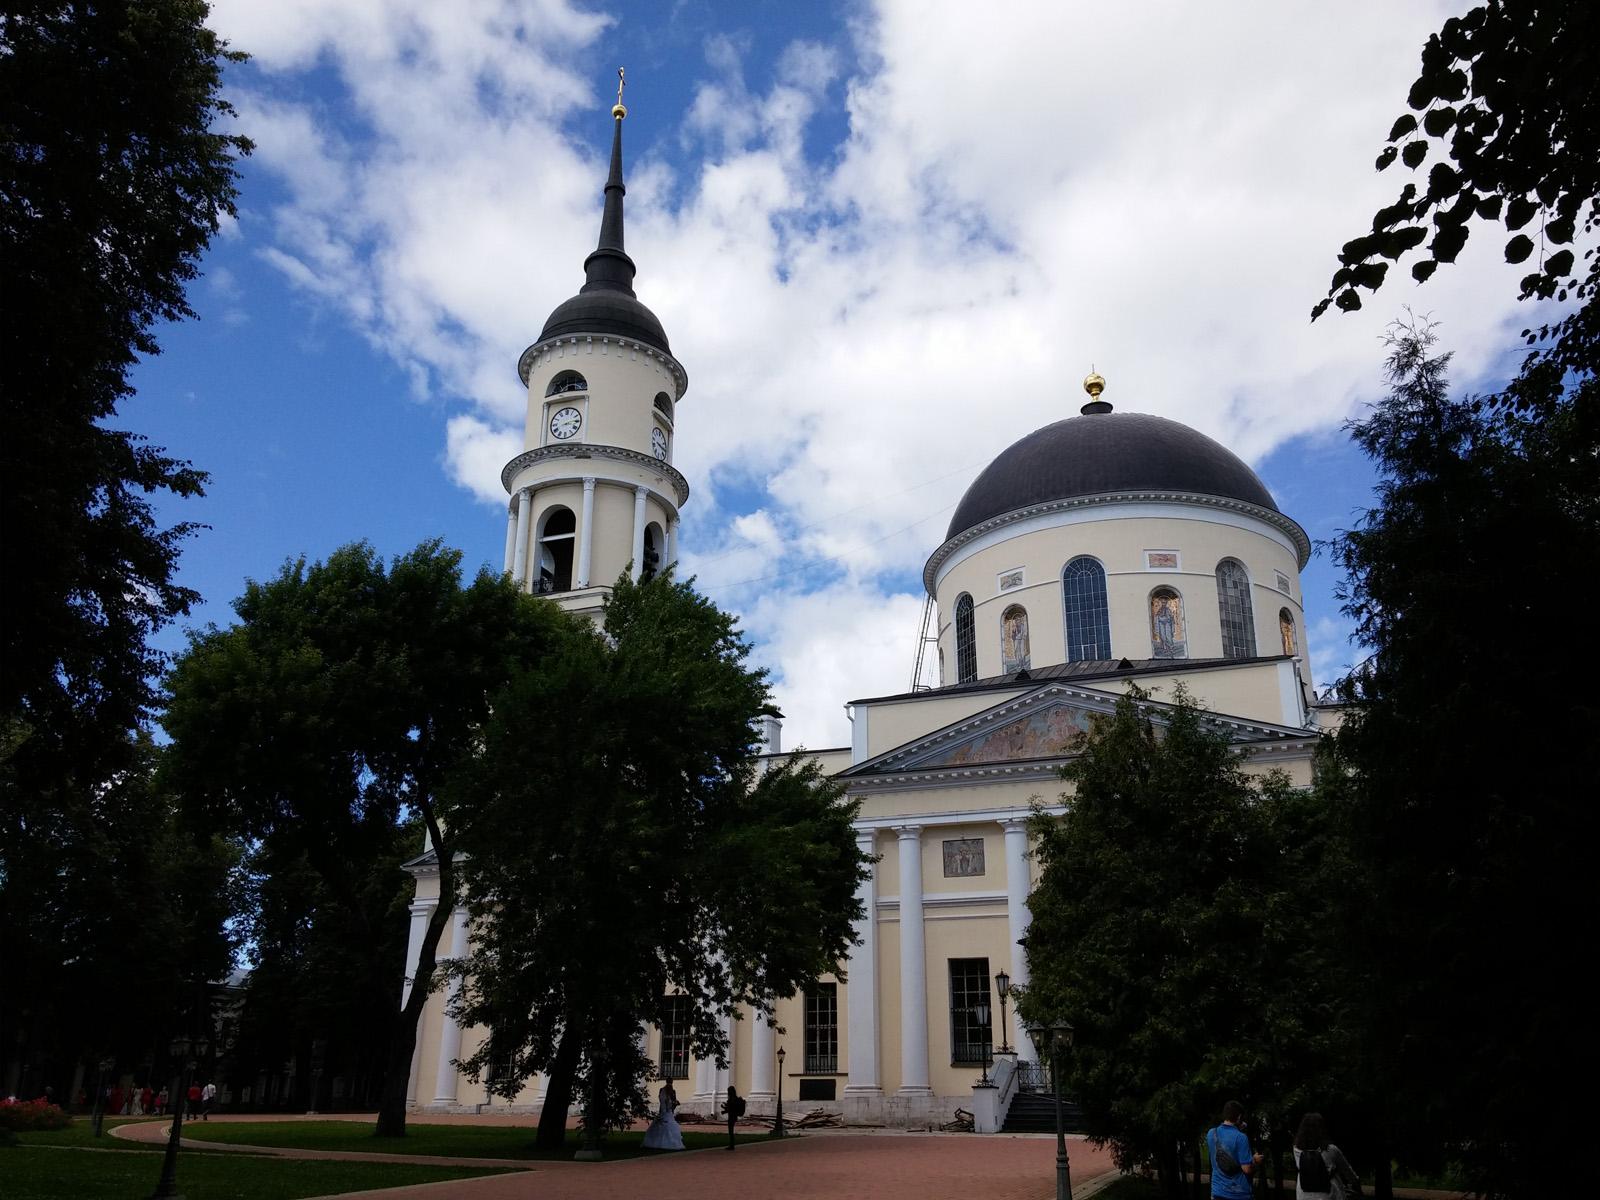 Калужский Троицкий собор, снятый на LG G3